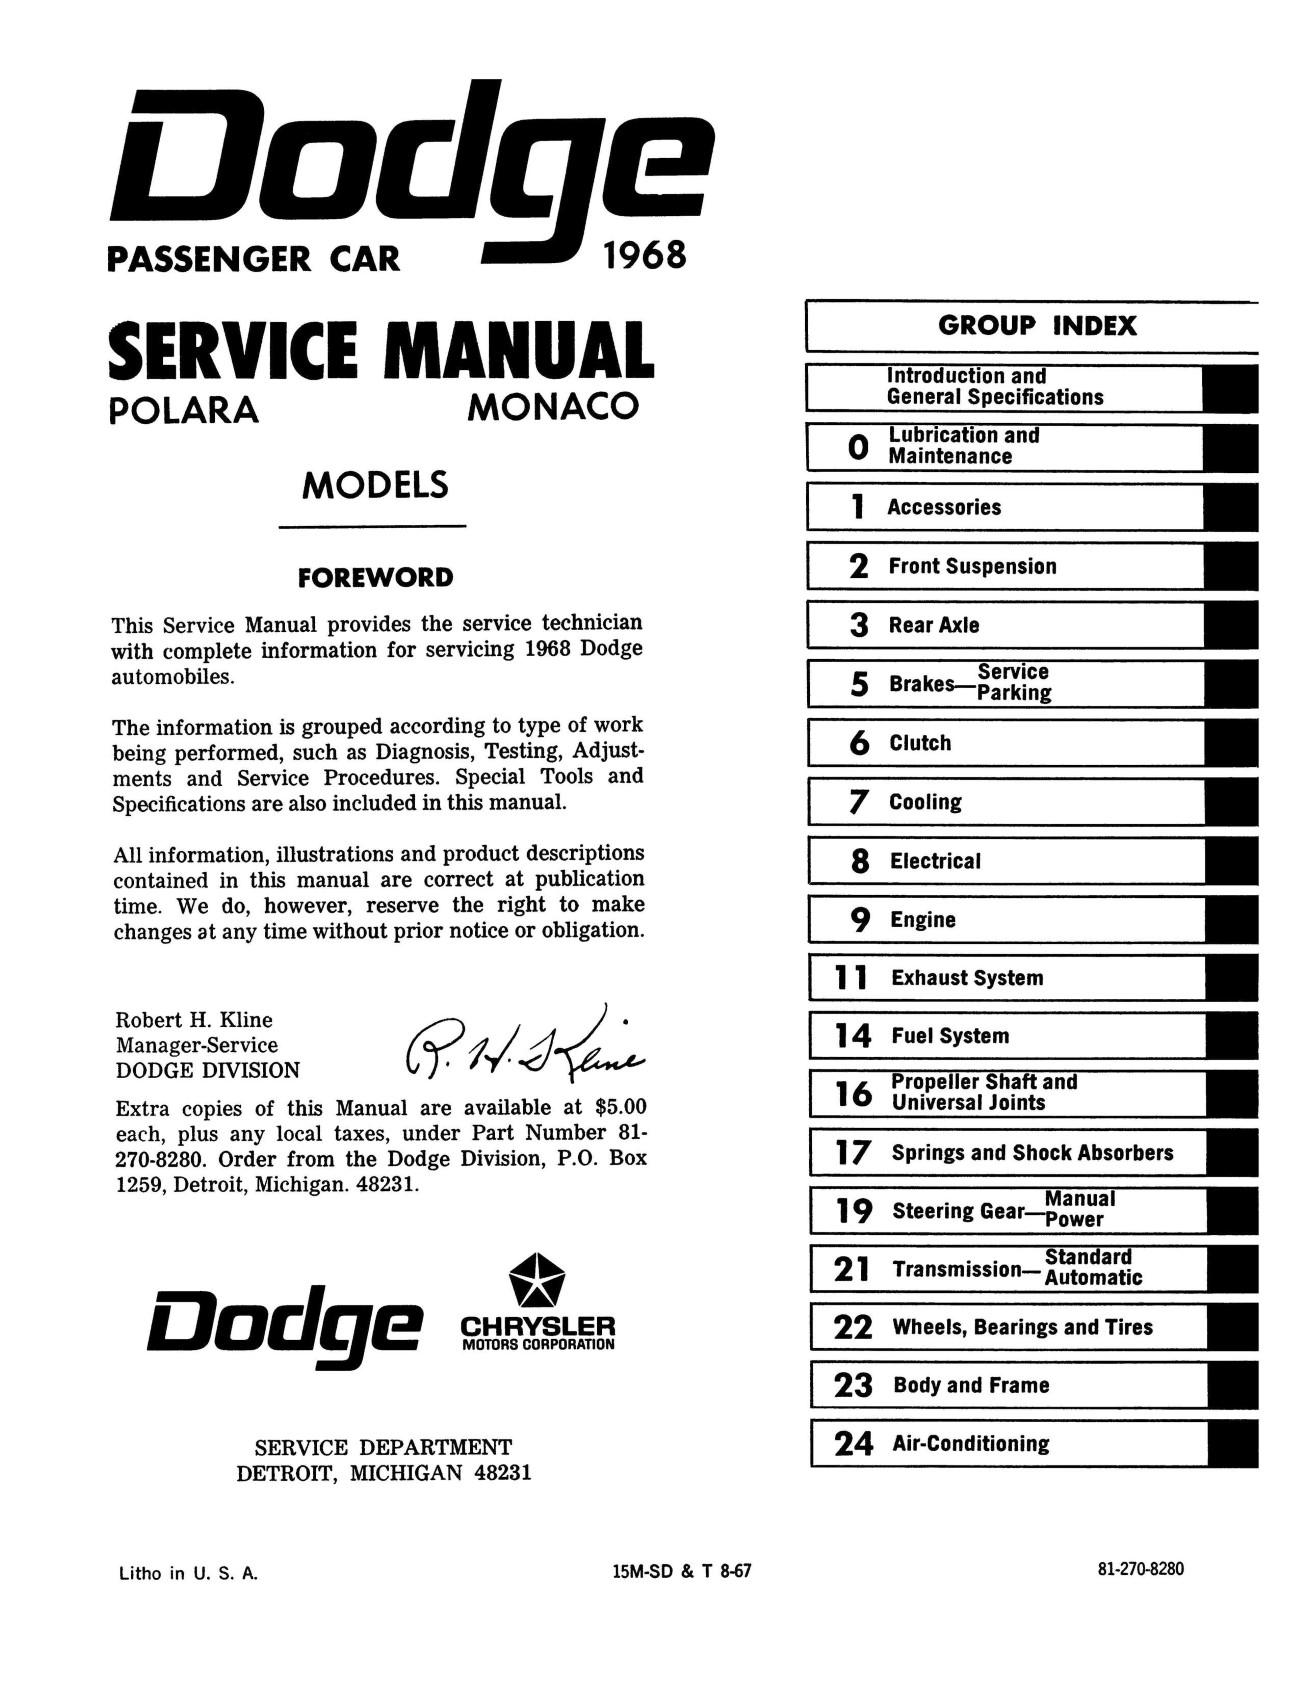 1968 Dodge Polara, Monaco, 500 Repair Shop Manual